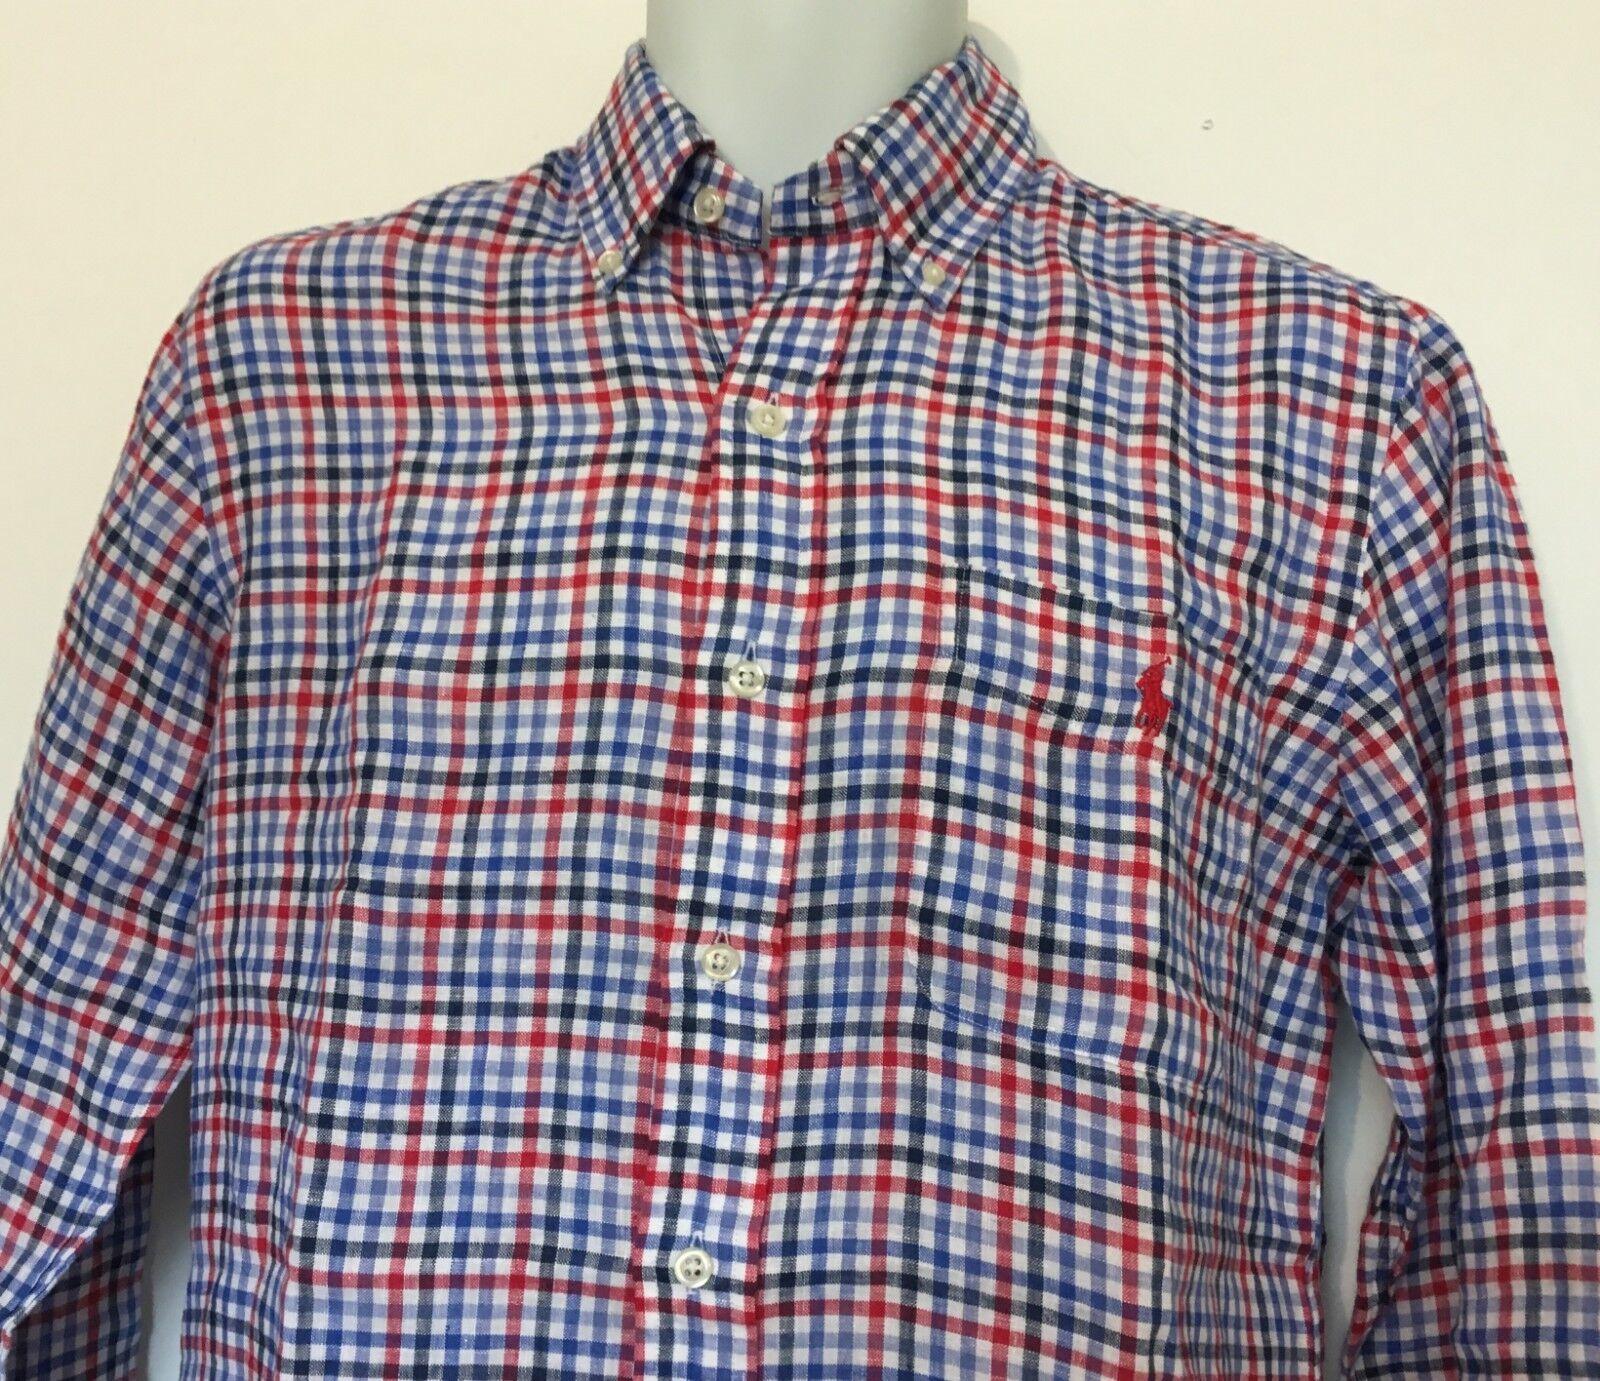 4dde57d3 Polo Ralph Lauren Men's Classic Fit Plaid Linen Shirt Red/blue LS Size S